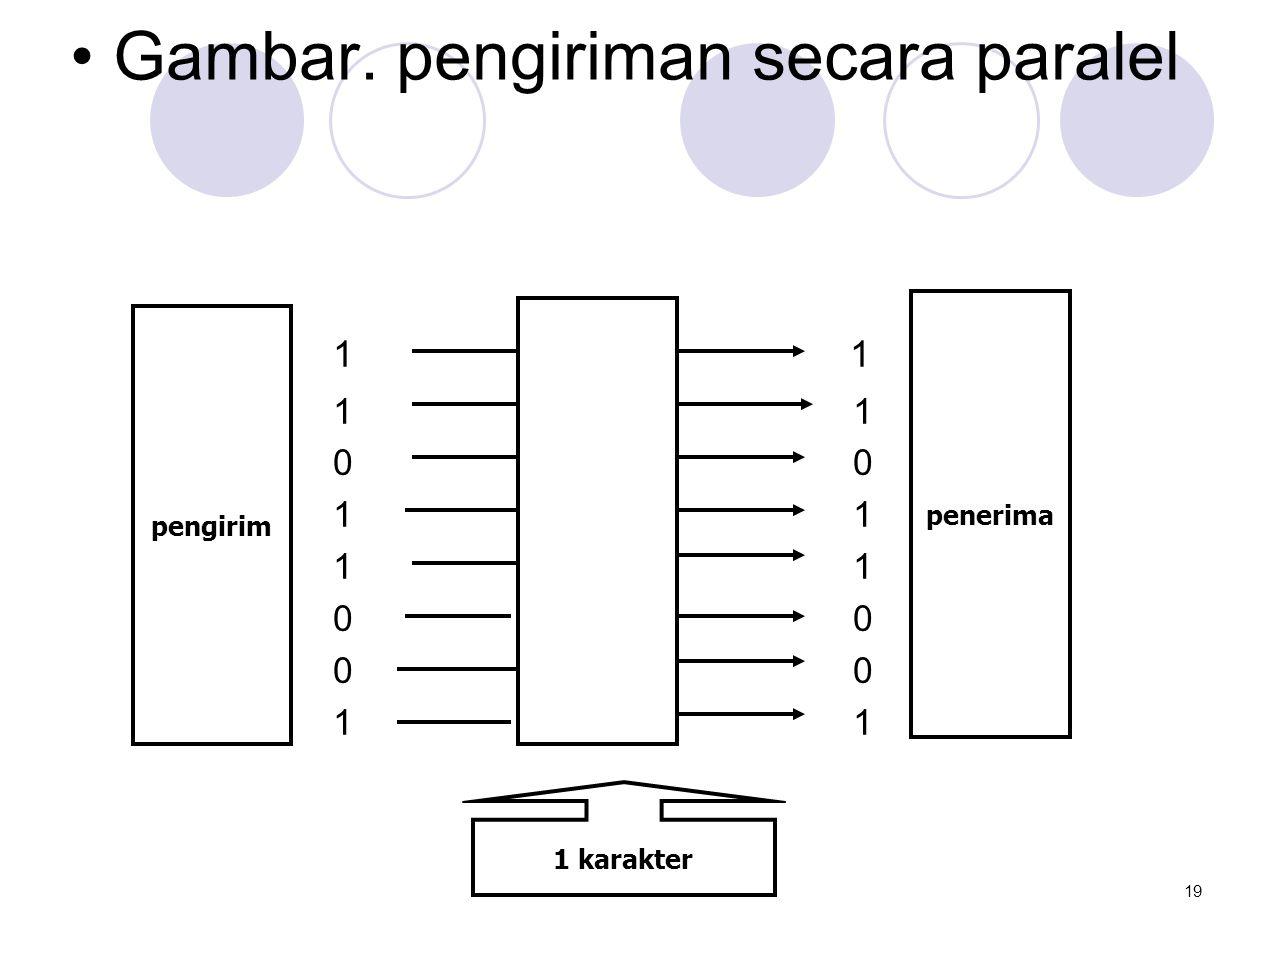 • Gambar. pengiriman secara paralel 1 1 1 0 1 0 1 pengirim penerima 1 karakter 19